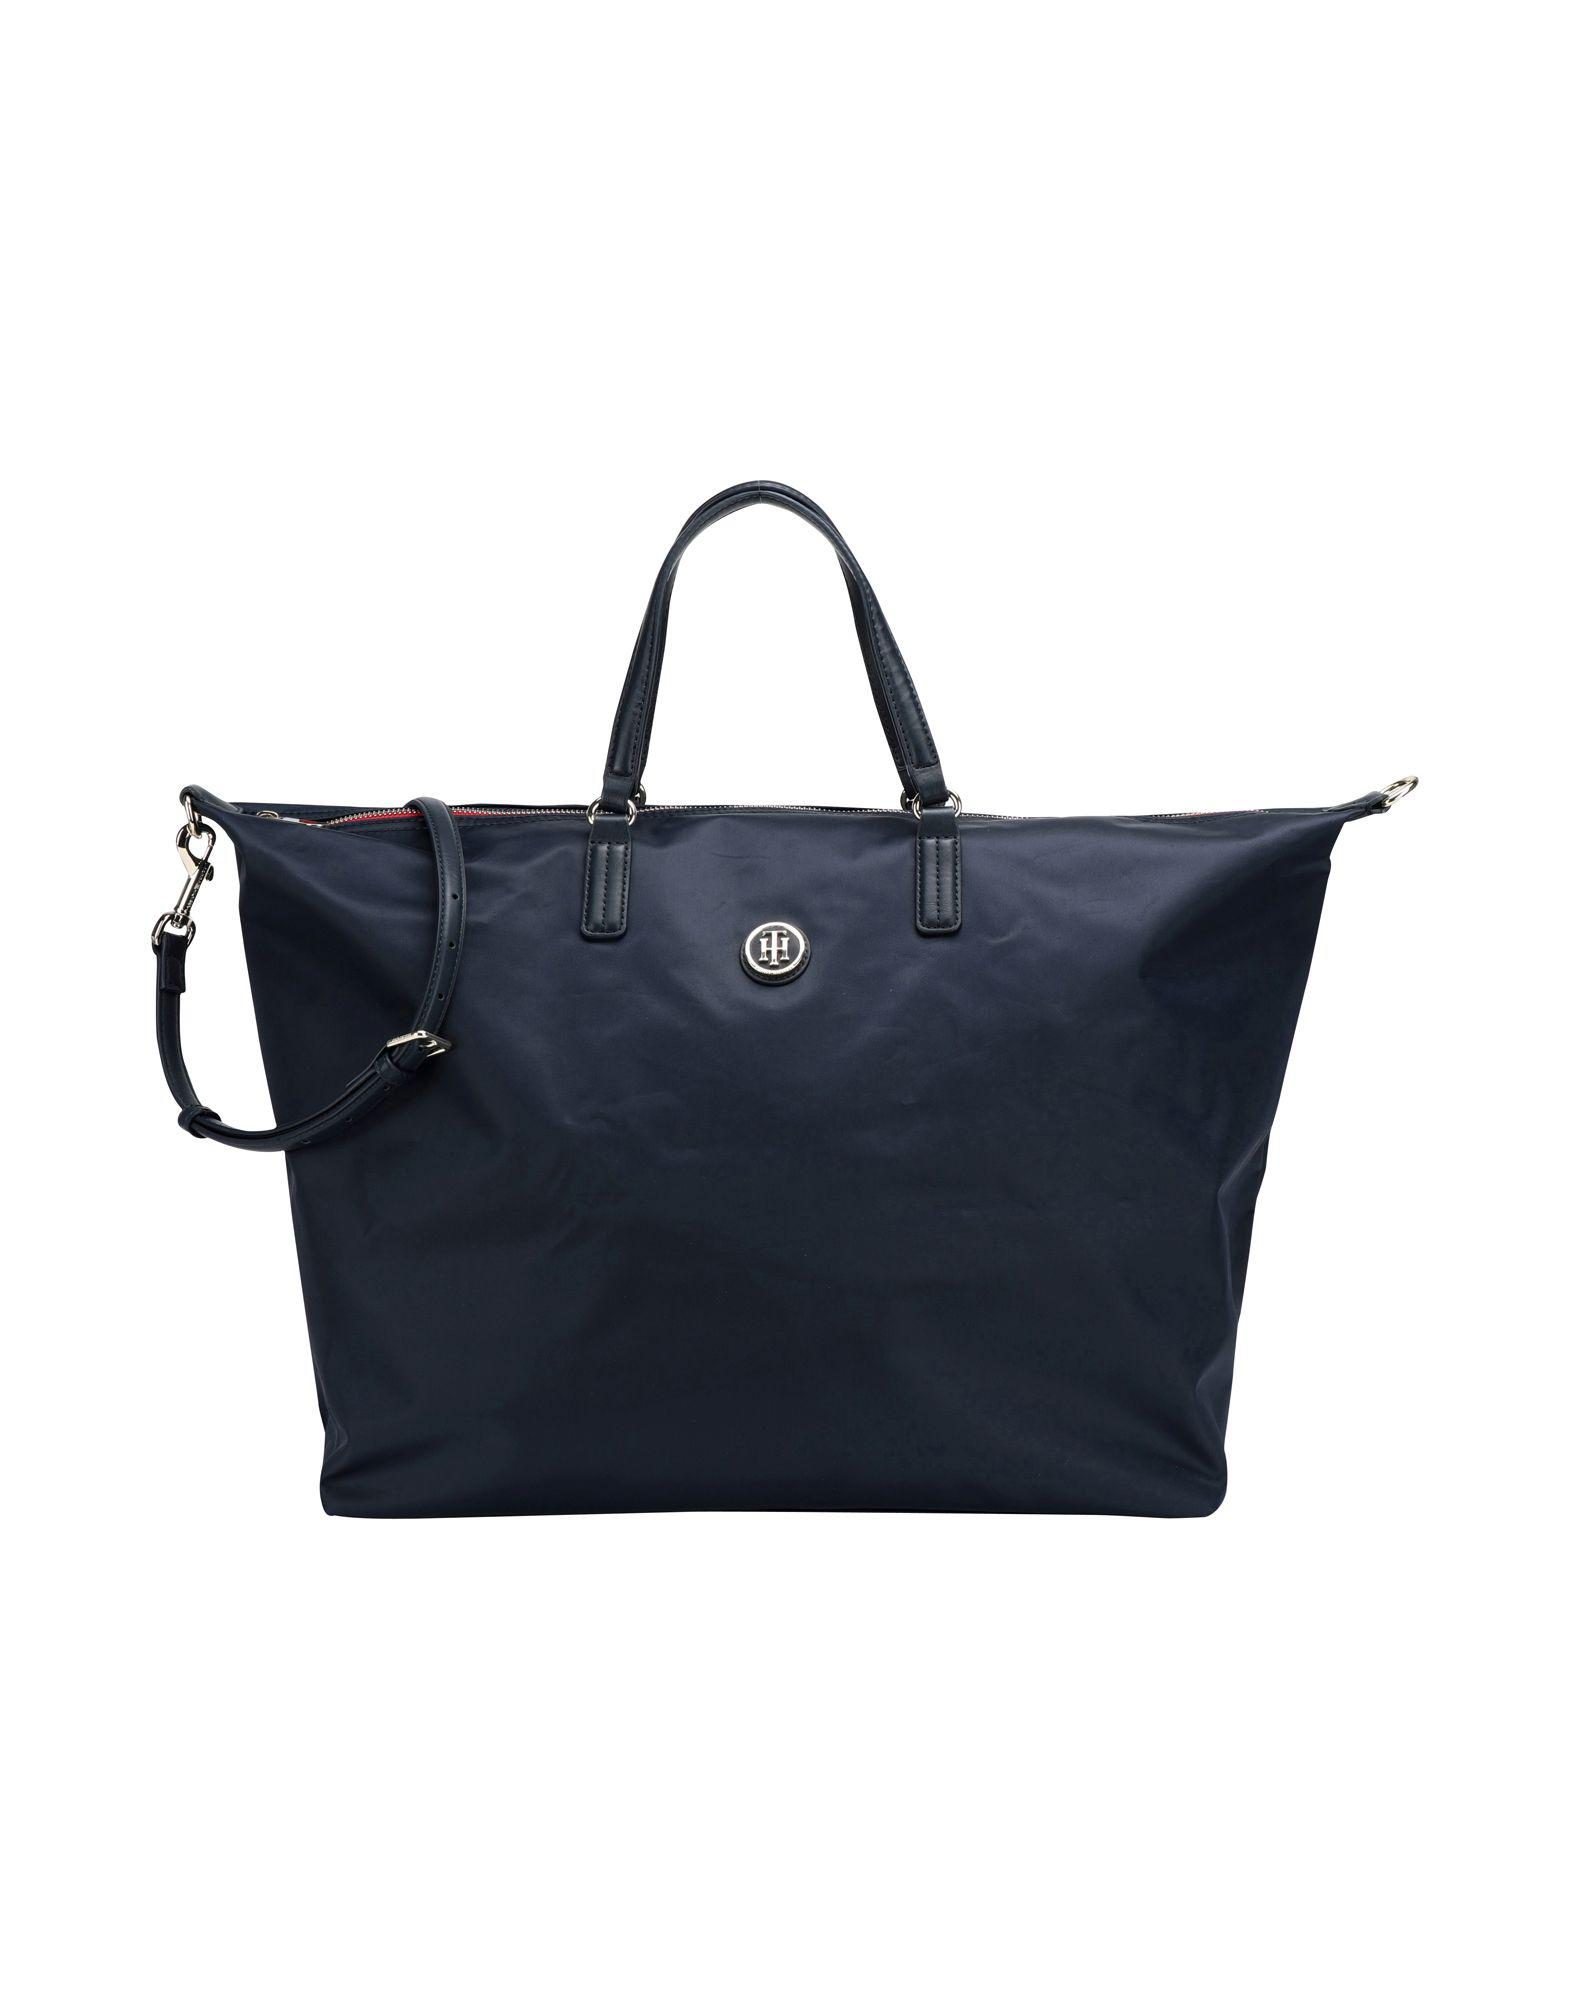 a921249c29e Tommy Hilfiger Handbag in Blue - Lyst